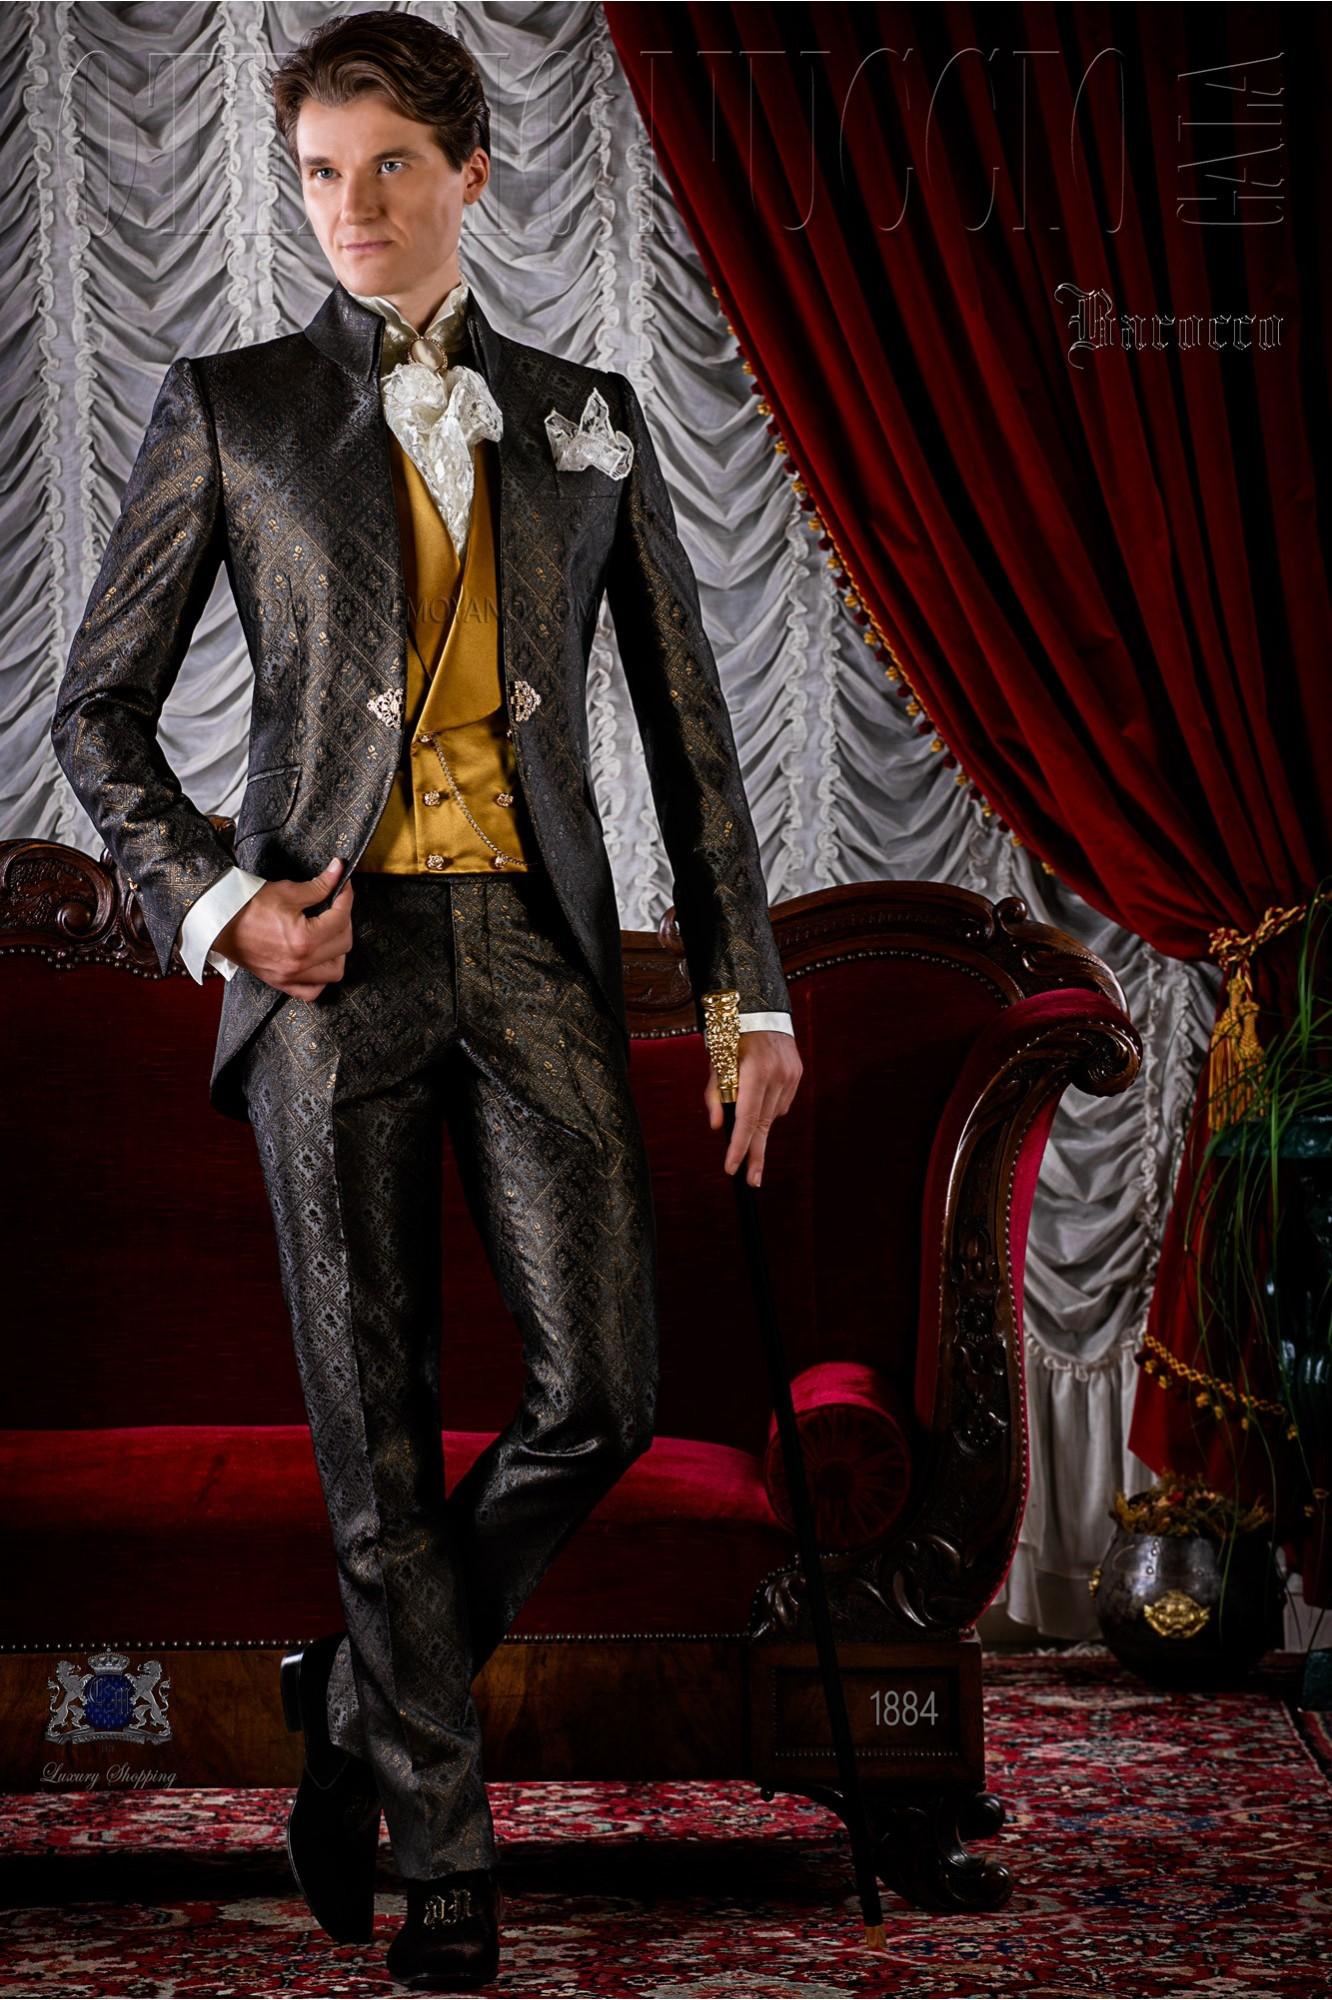 Traje de época brocado gris y dorado modelo redingote modelo: 1884 Ottavio Nuccio Gala colección 2017 Barroco